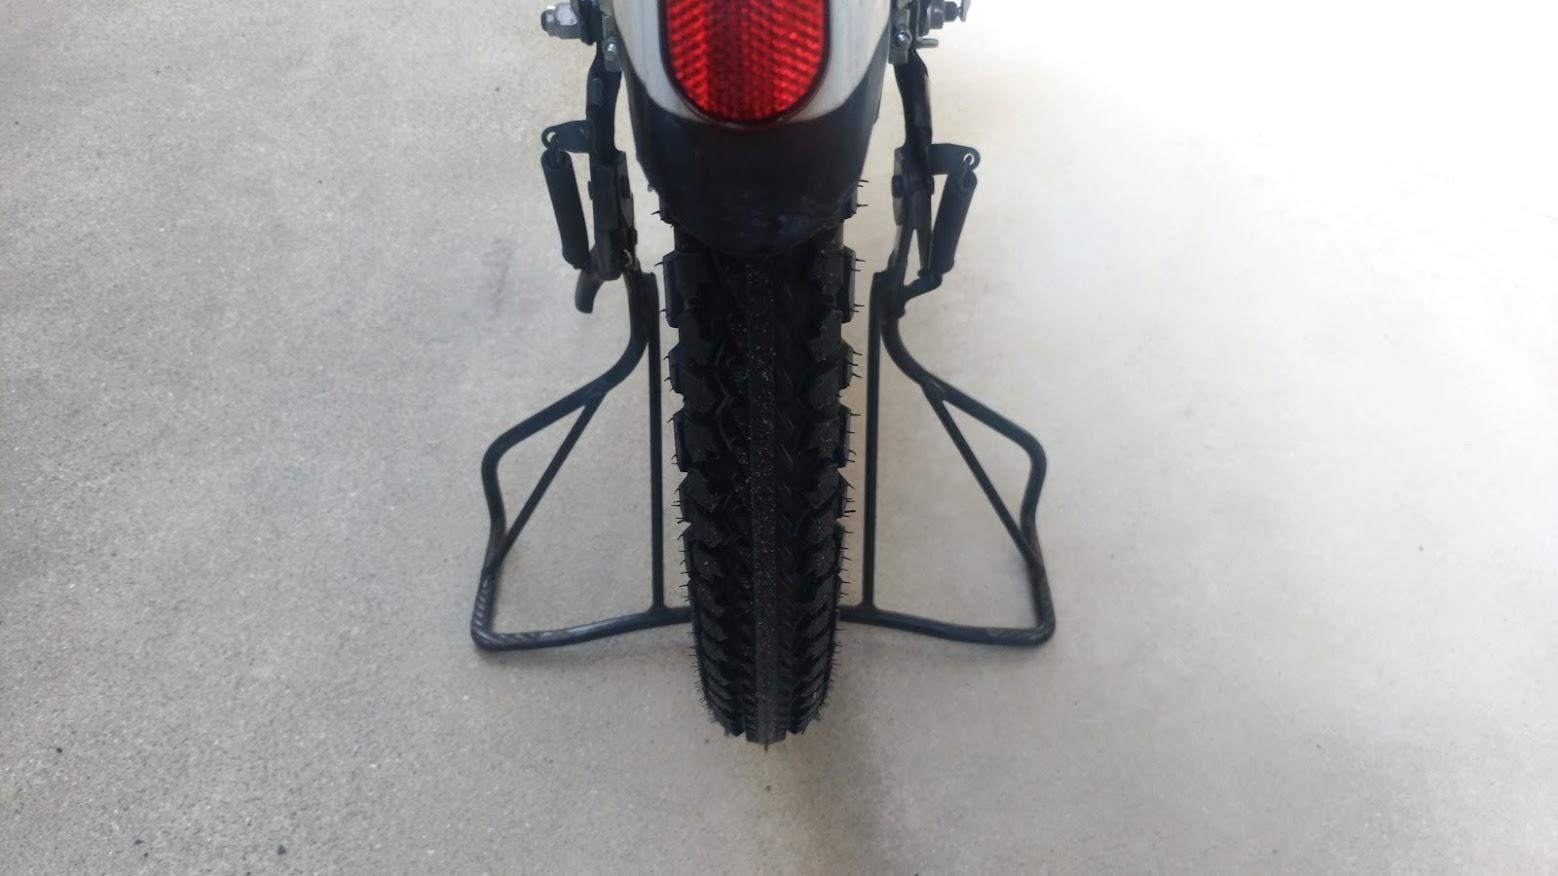 ブリヂストン hydee2 子供電動自転車 パンク タイヤ交換 -19-